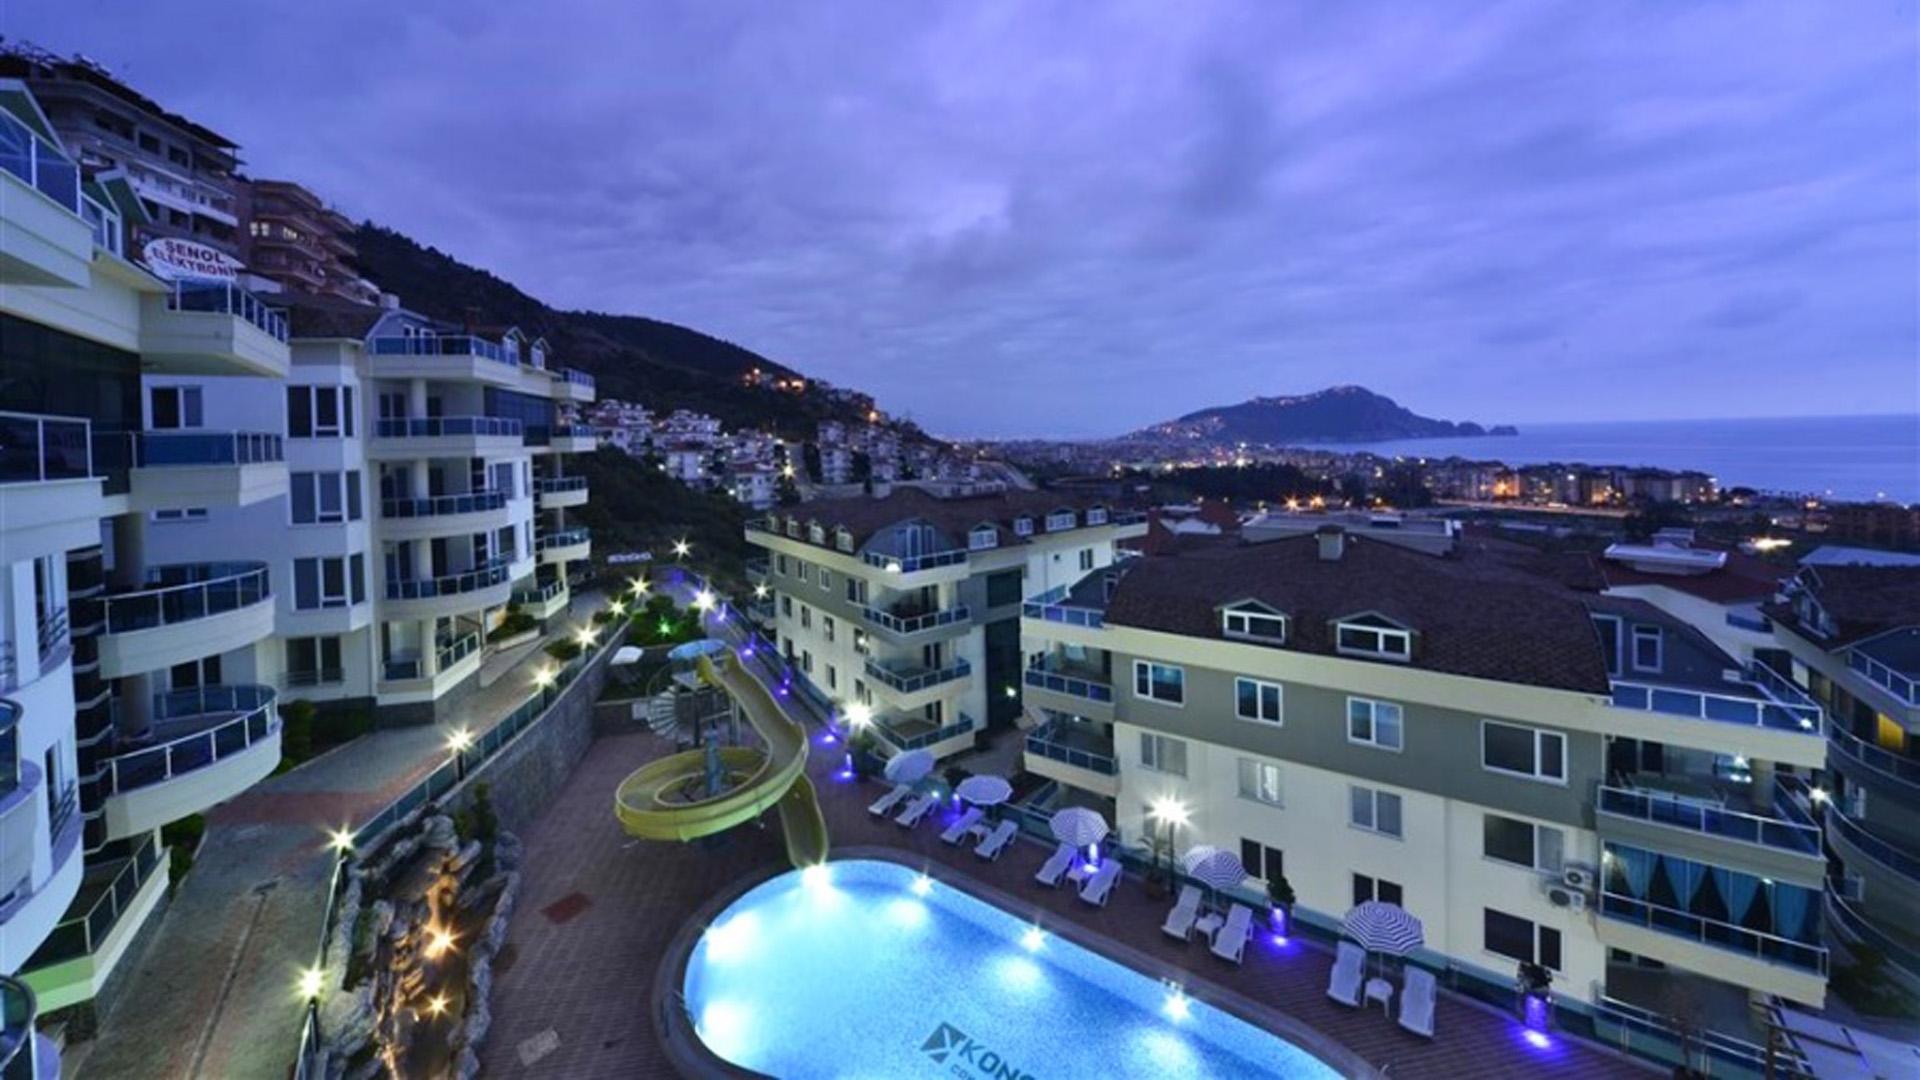 Vuokraa asunto Alanyassa Turkki | Löydä kalustettu asunto